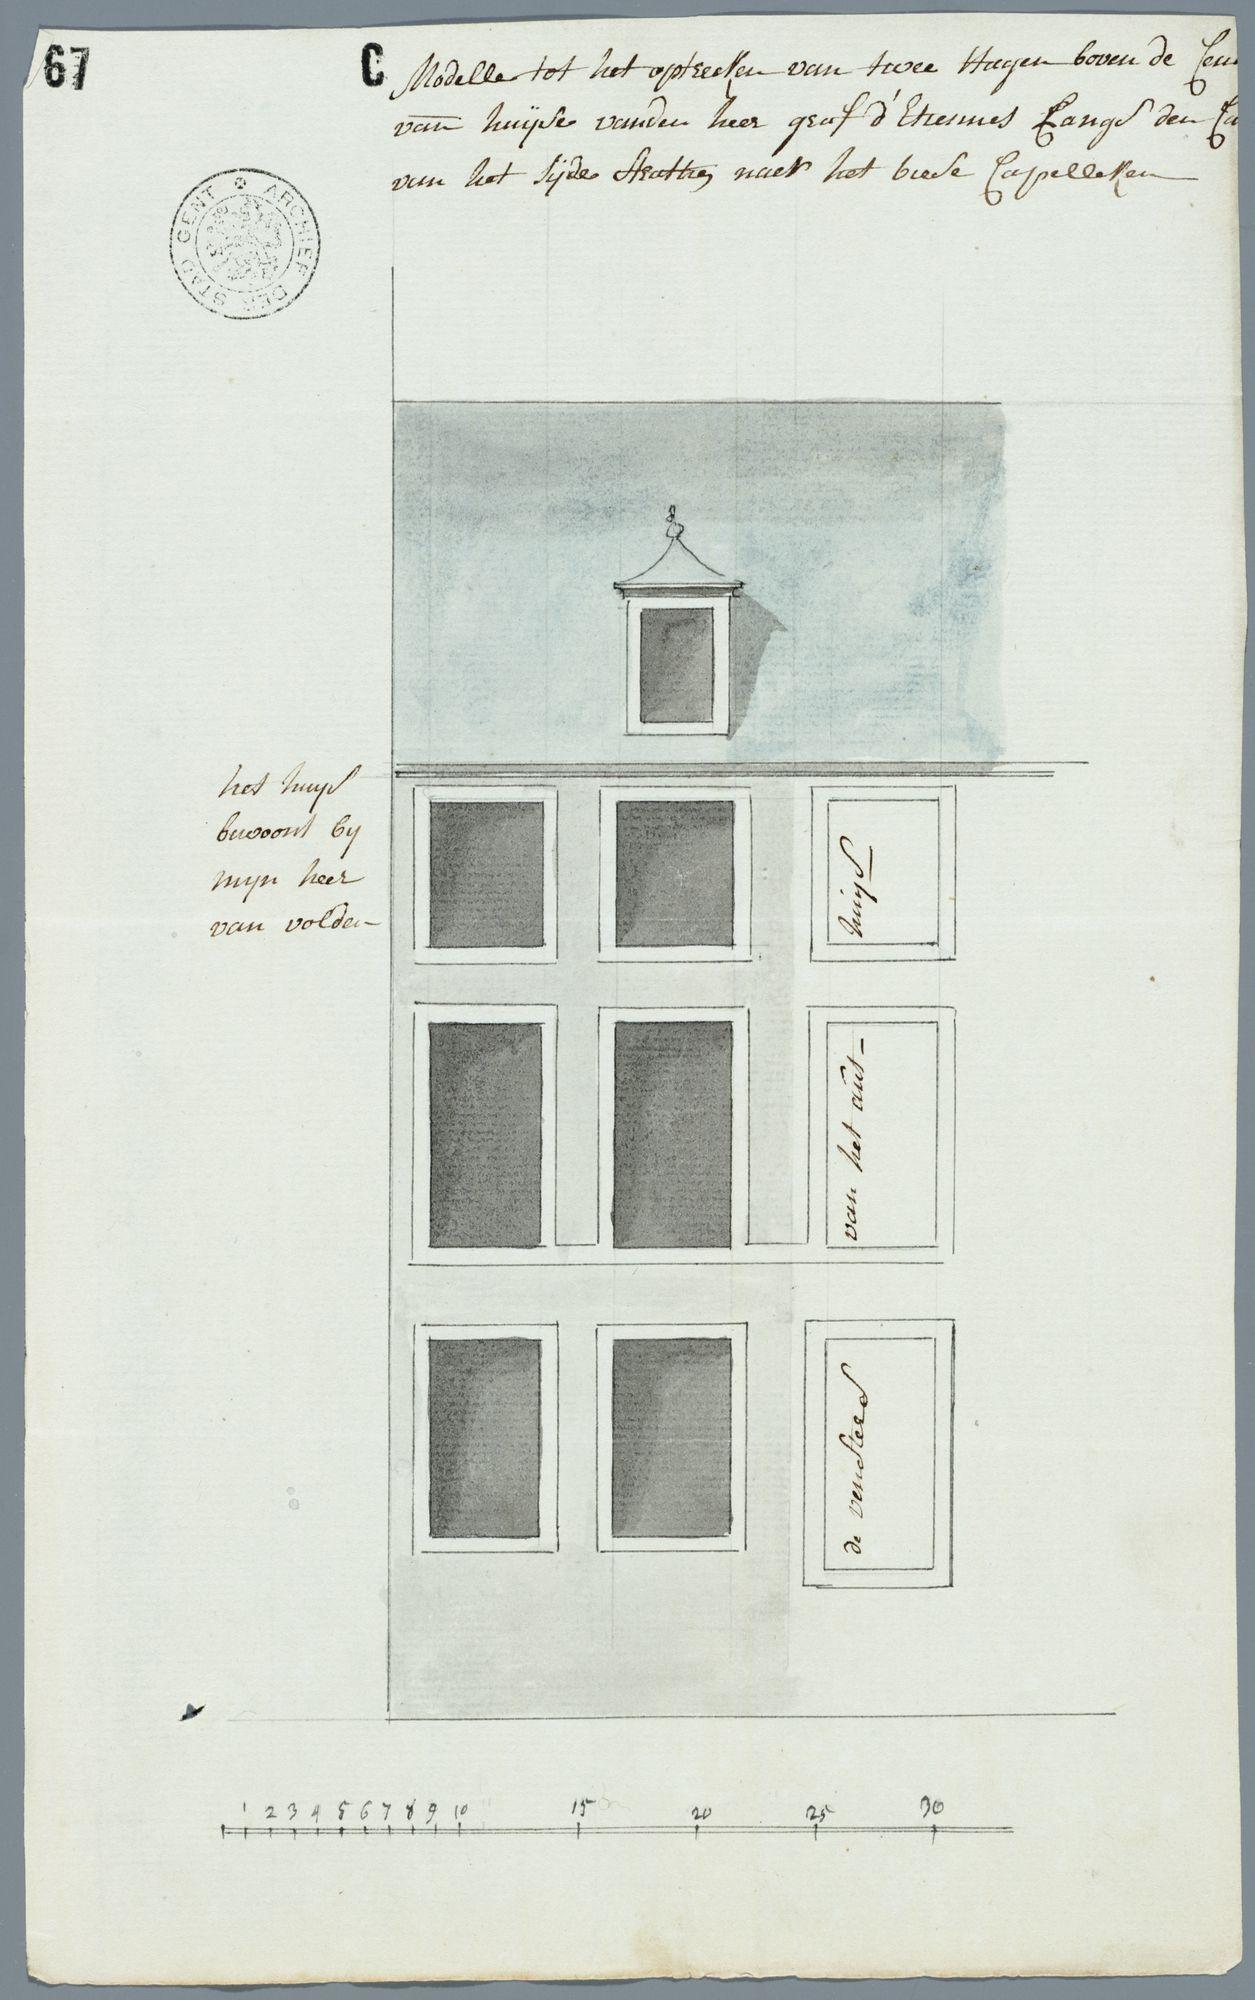 Gent: Hoogpoort, 1776: opstand gevel